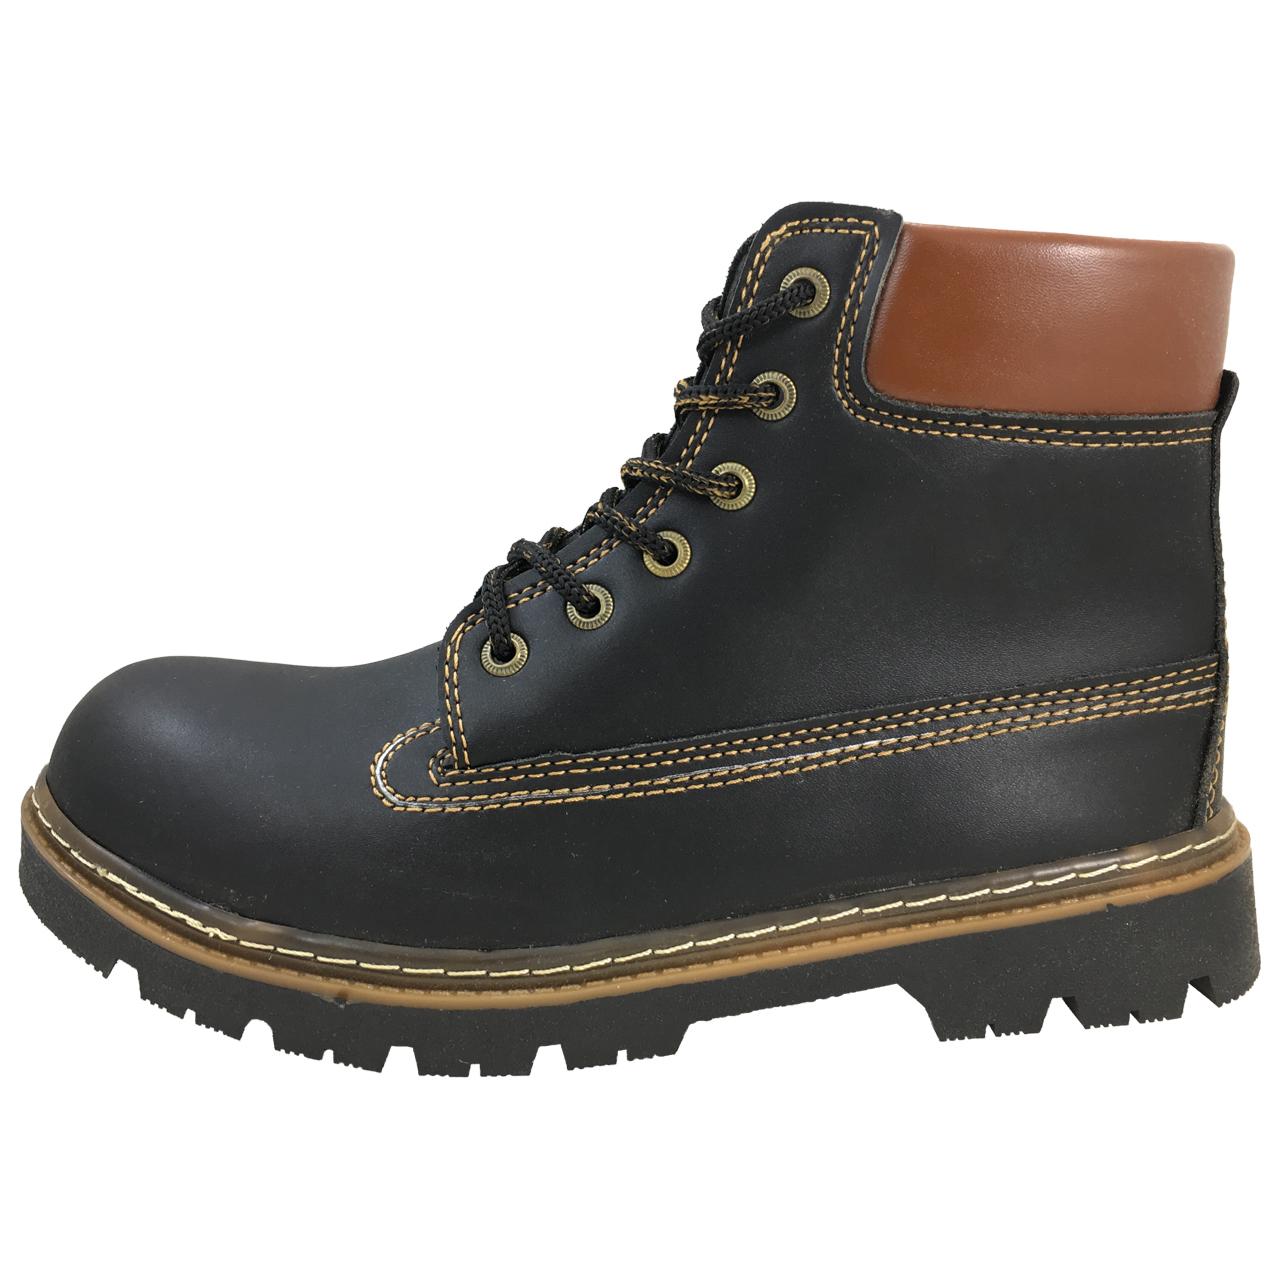 کفش مردانه کوهستان مدل تیما کد 2568